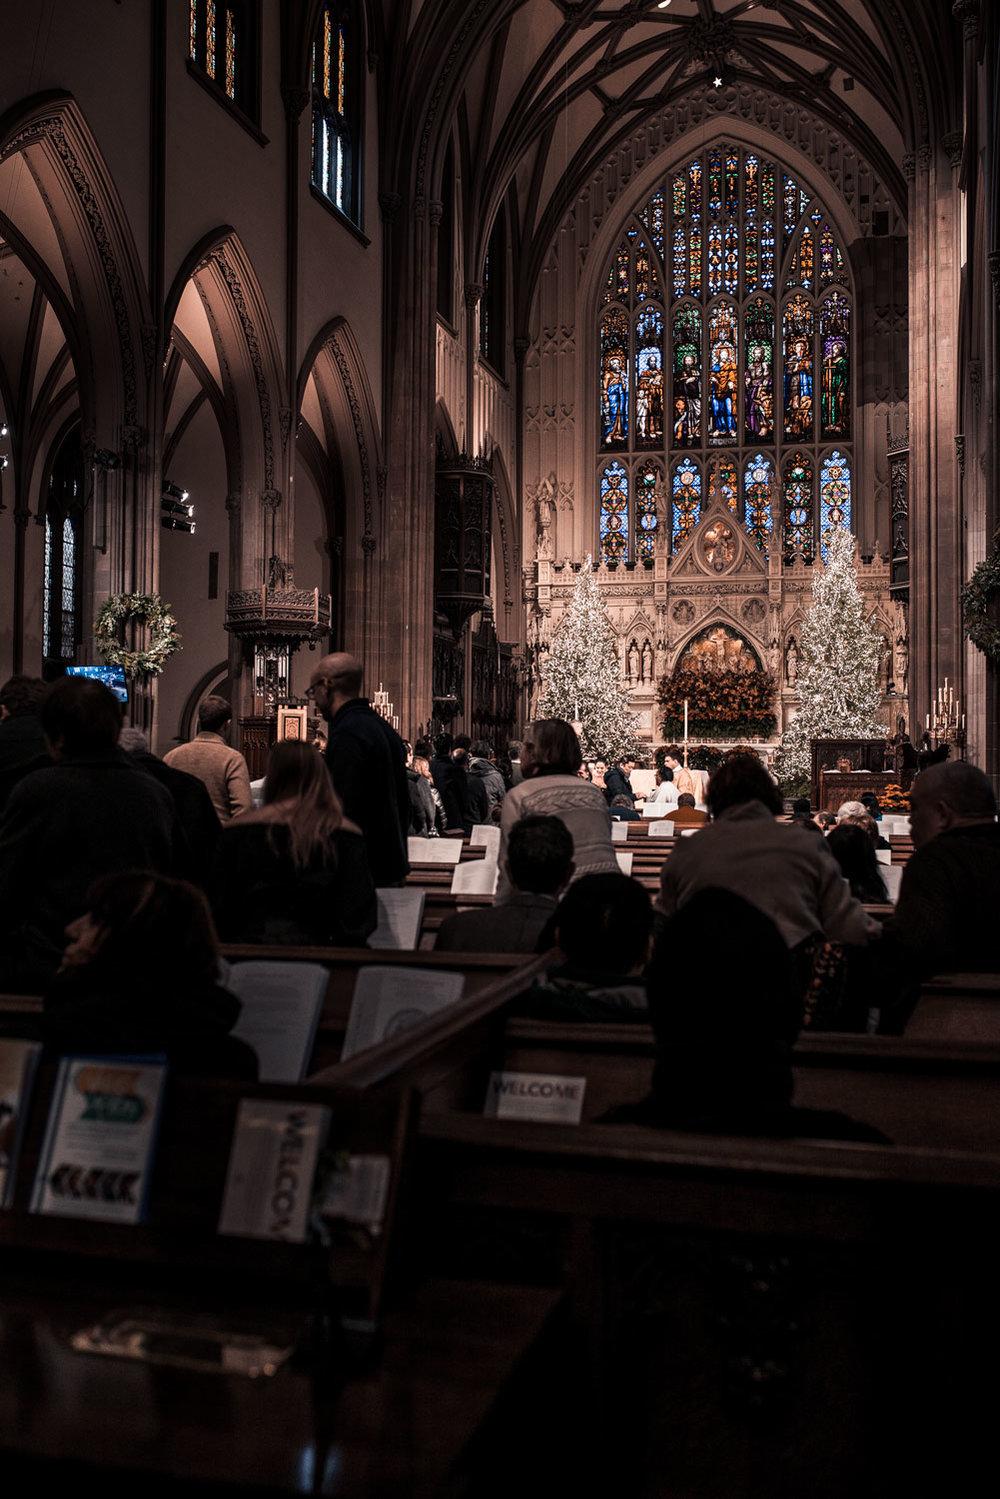 Sunday mass at Trinity Church